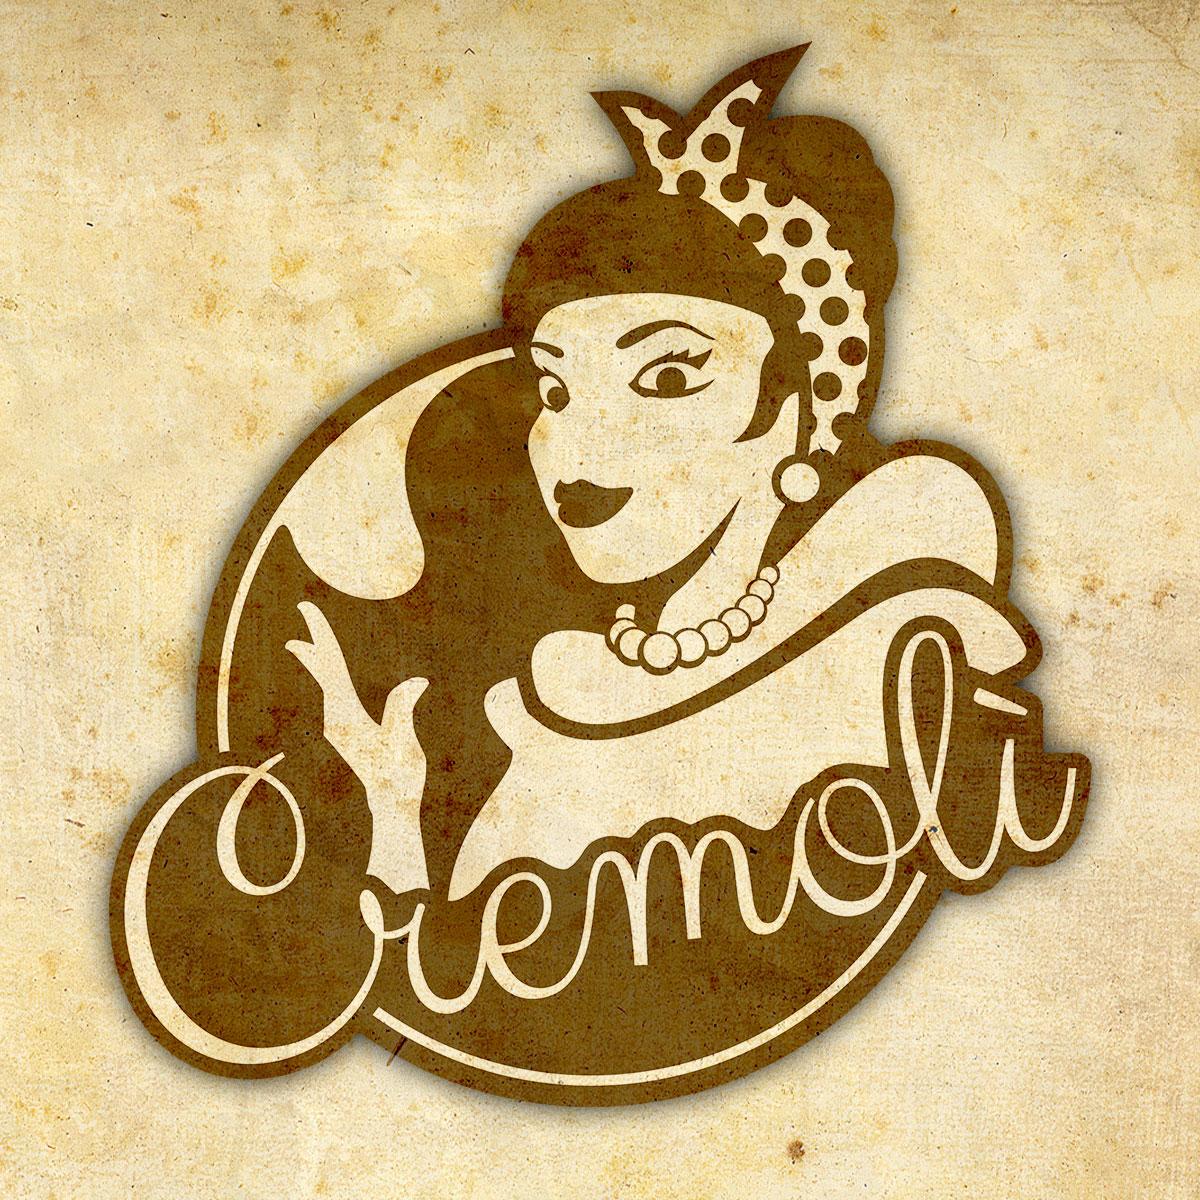 Cremoli Logo Ferro Carubini